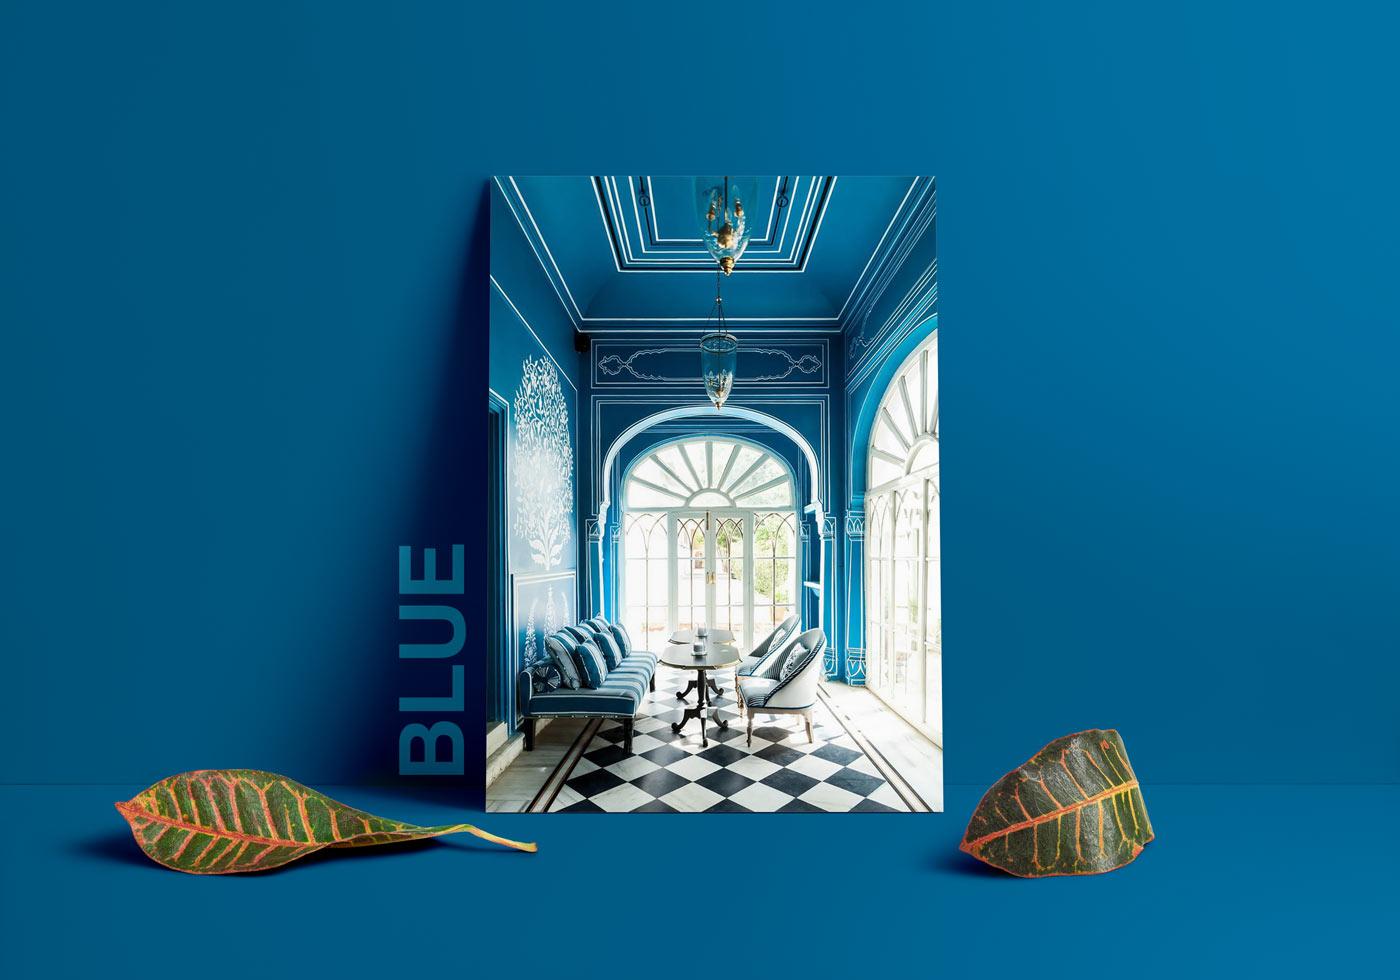 مزاج رنگ آبی